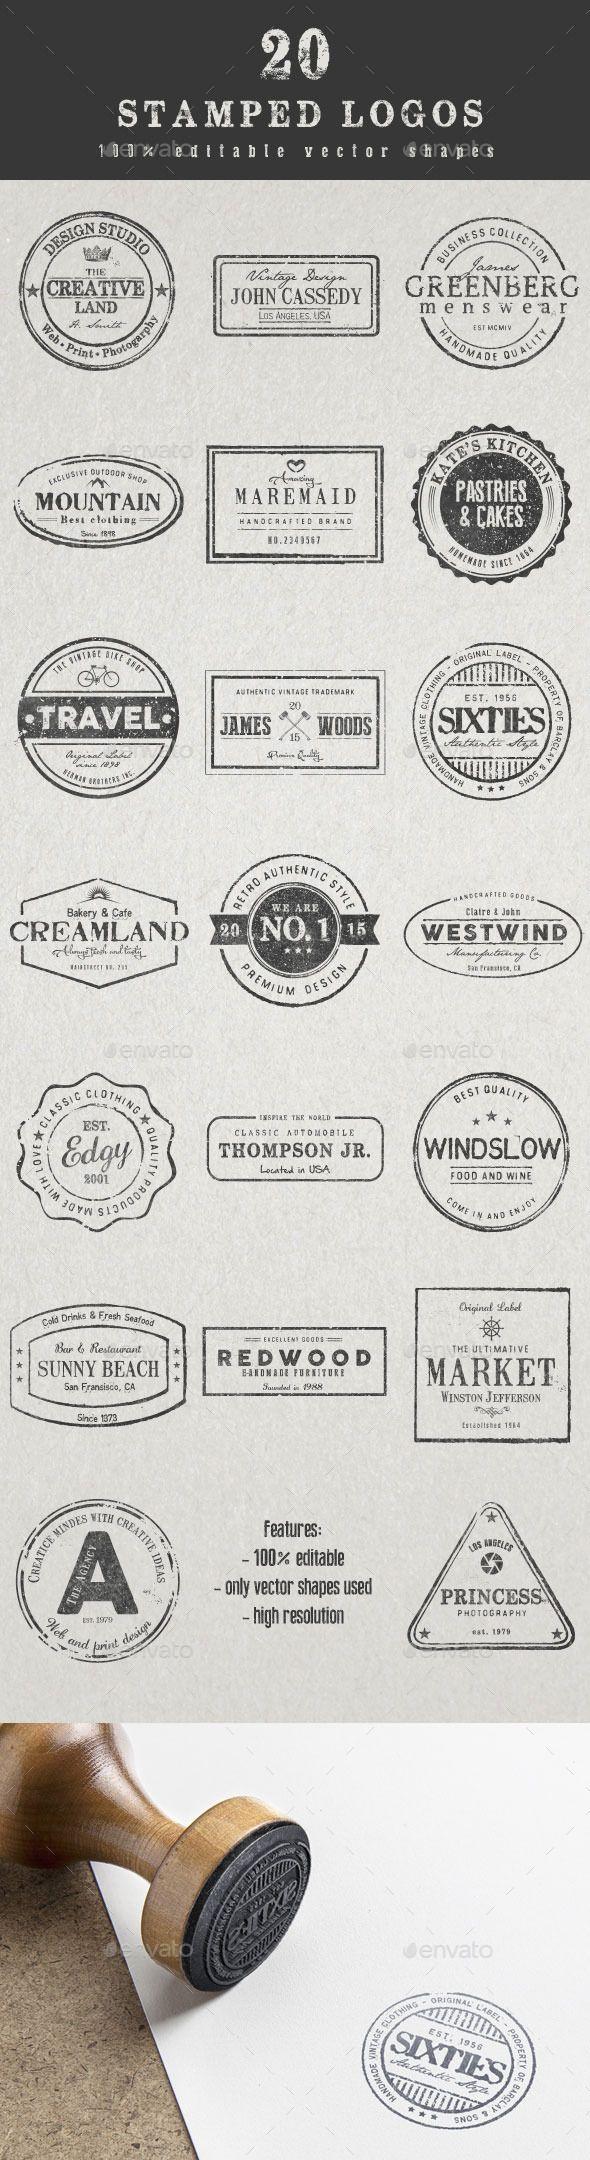 20 Stamped Logos